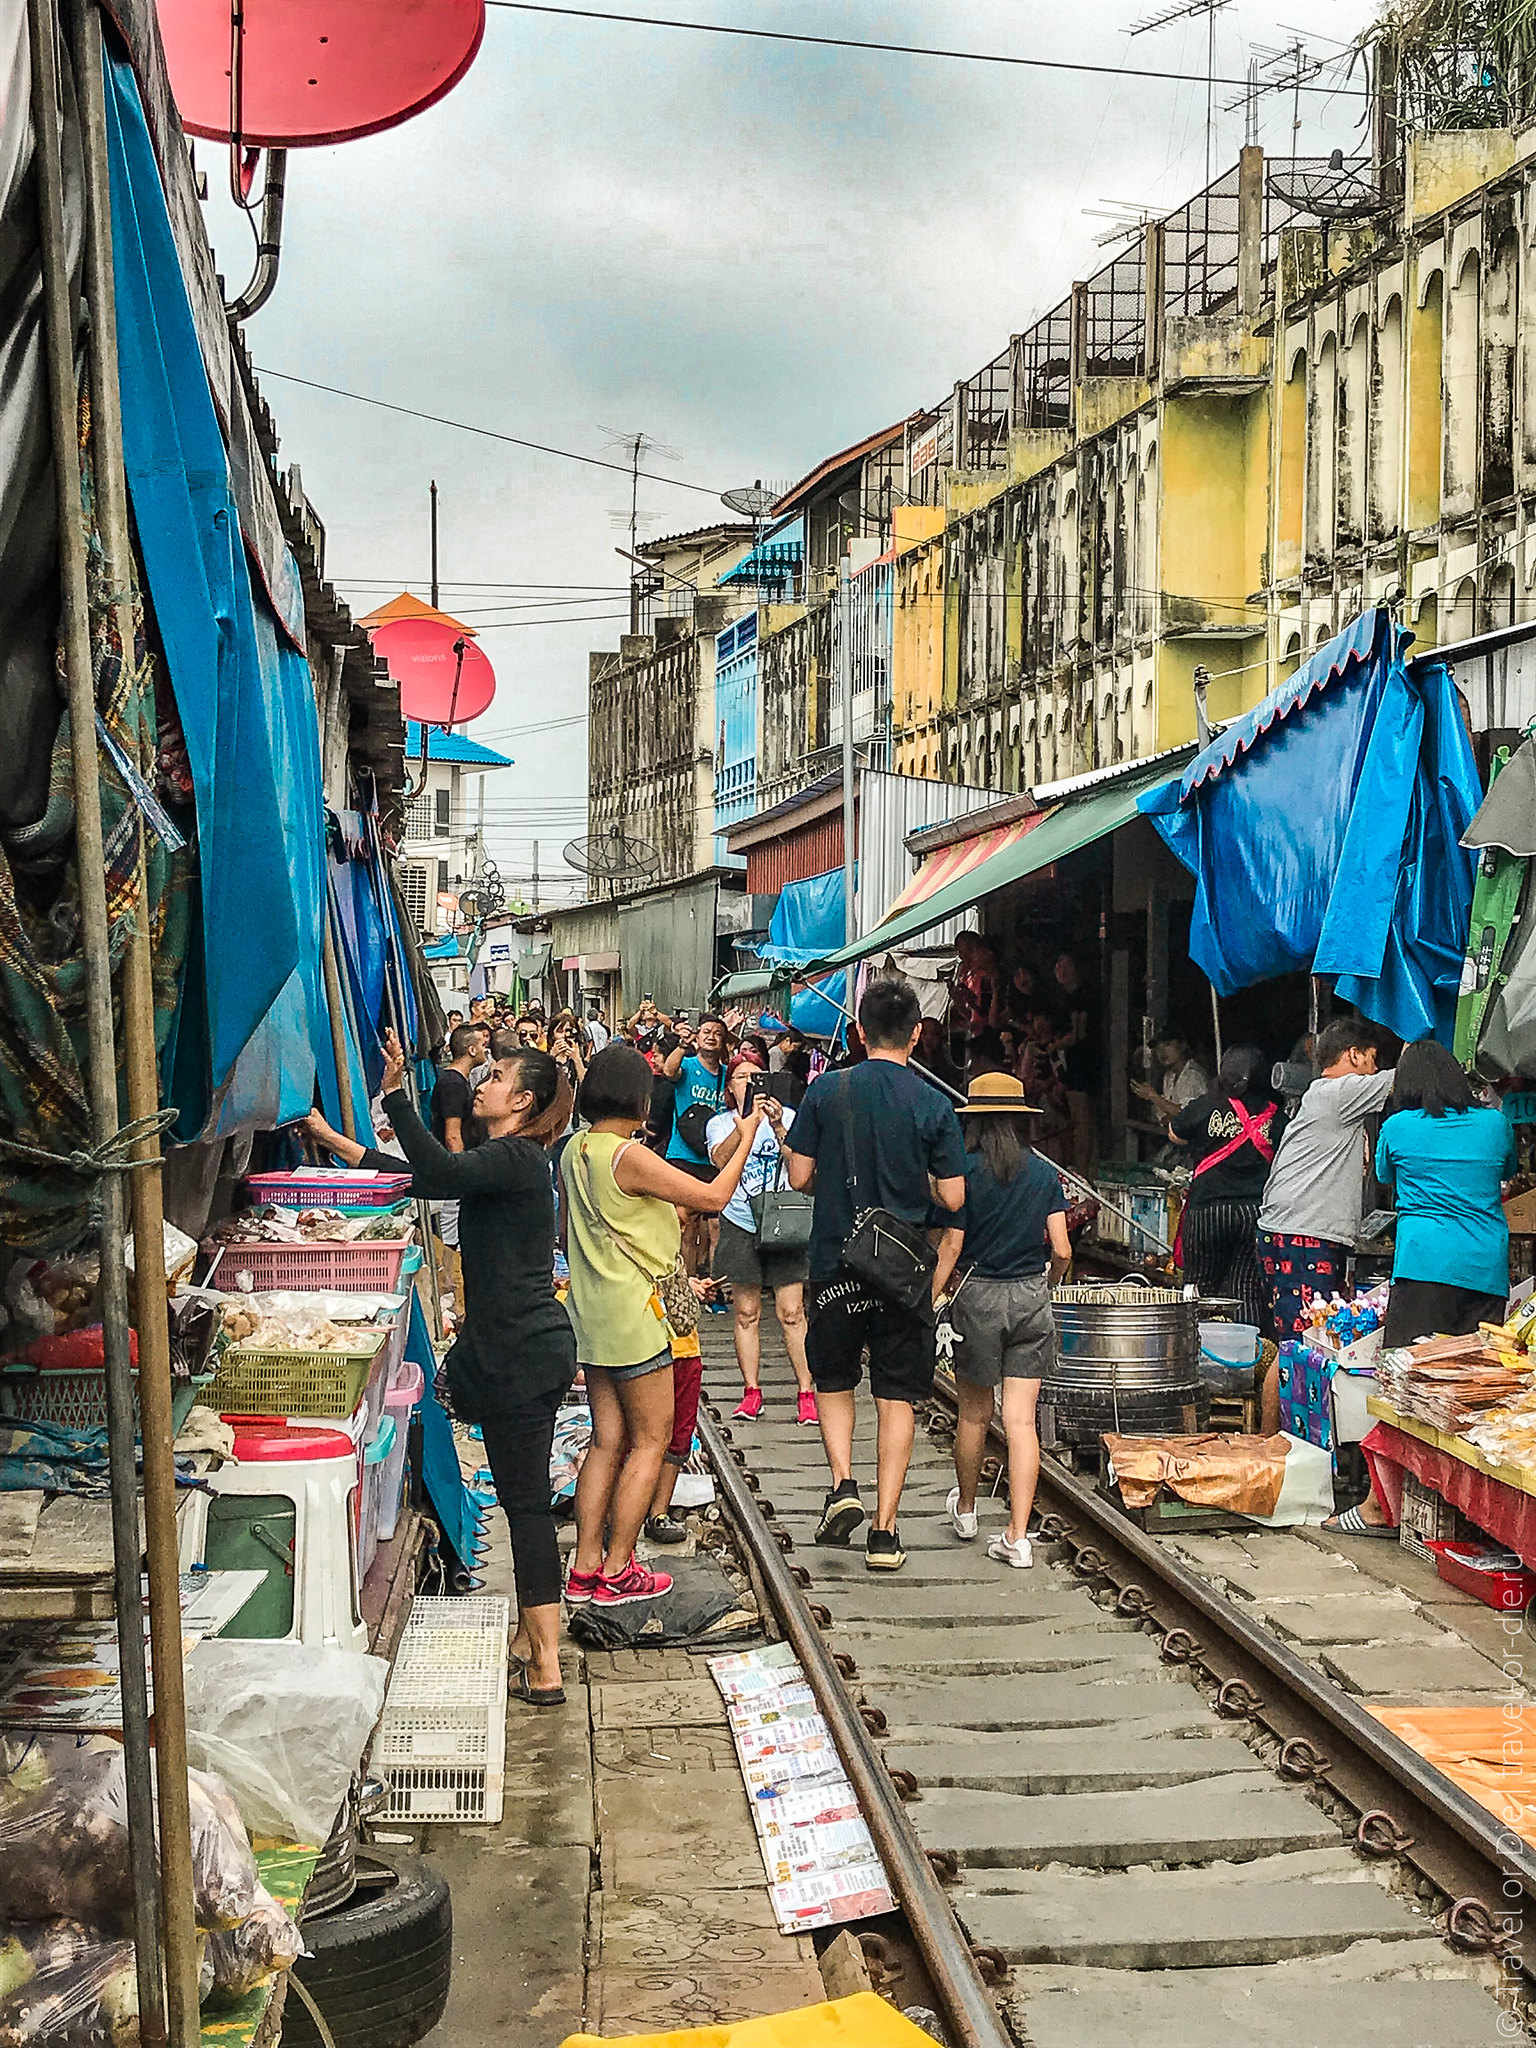 Maeklong-Railway-Market-Bangkok-0137